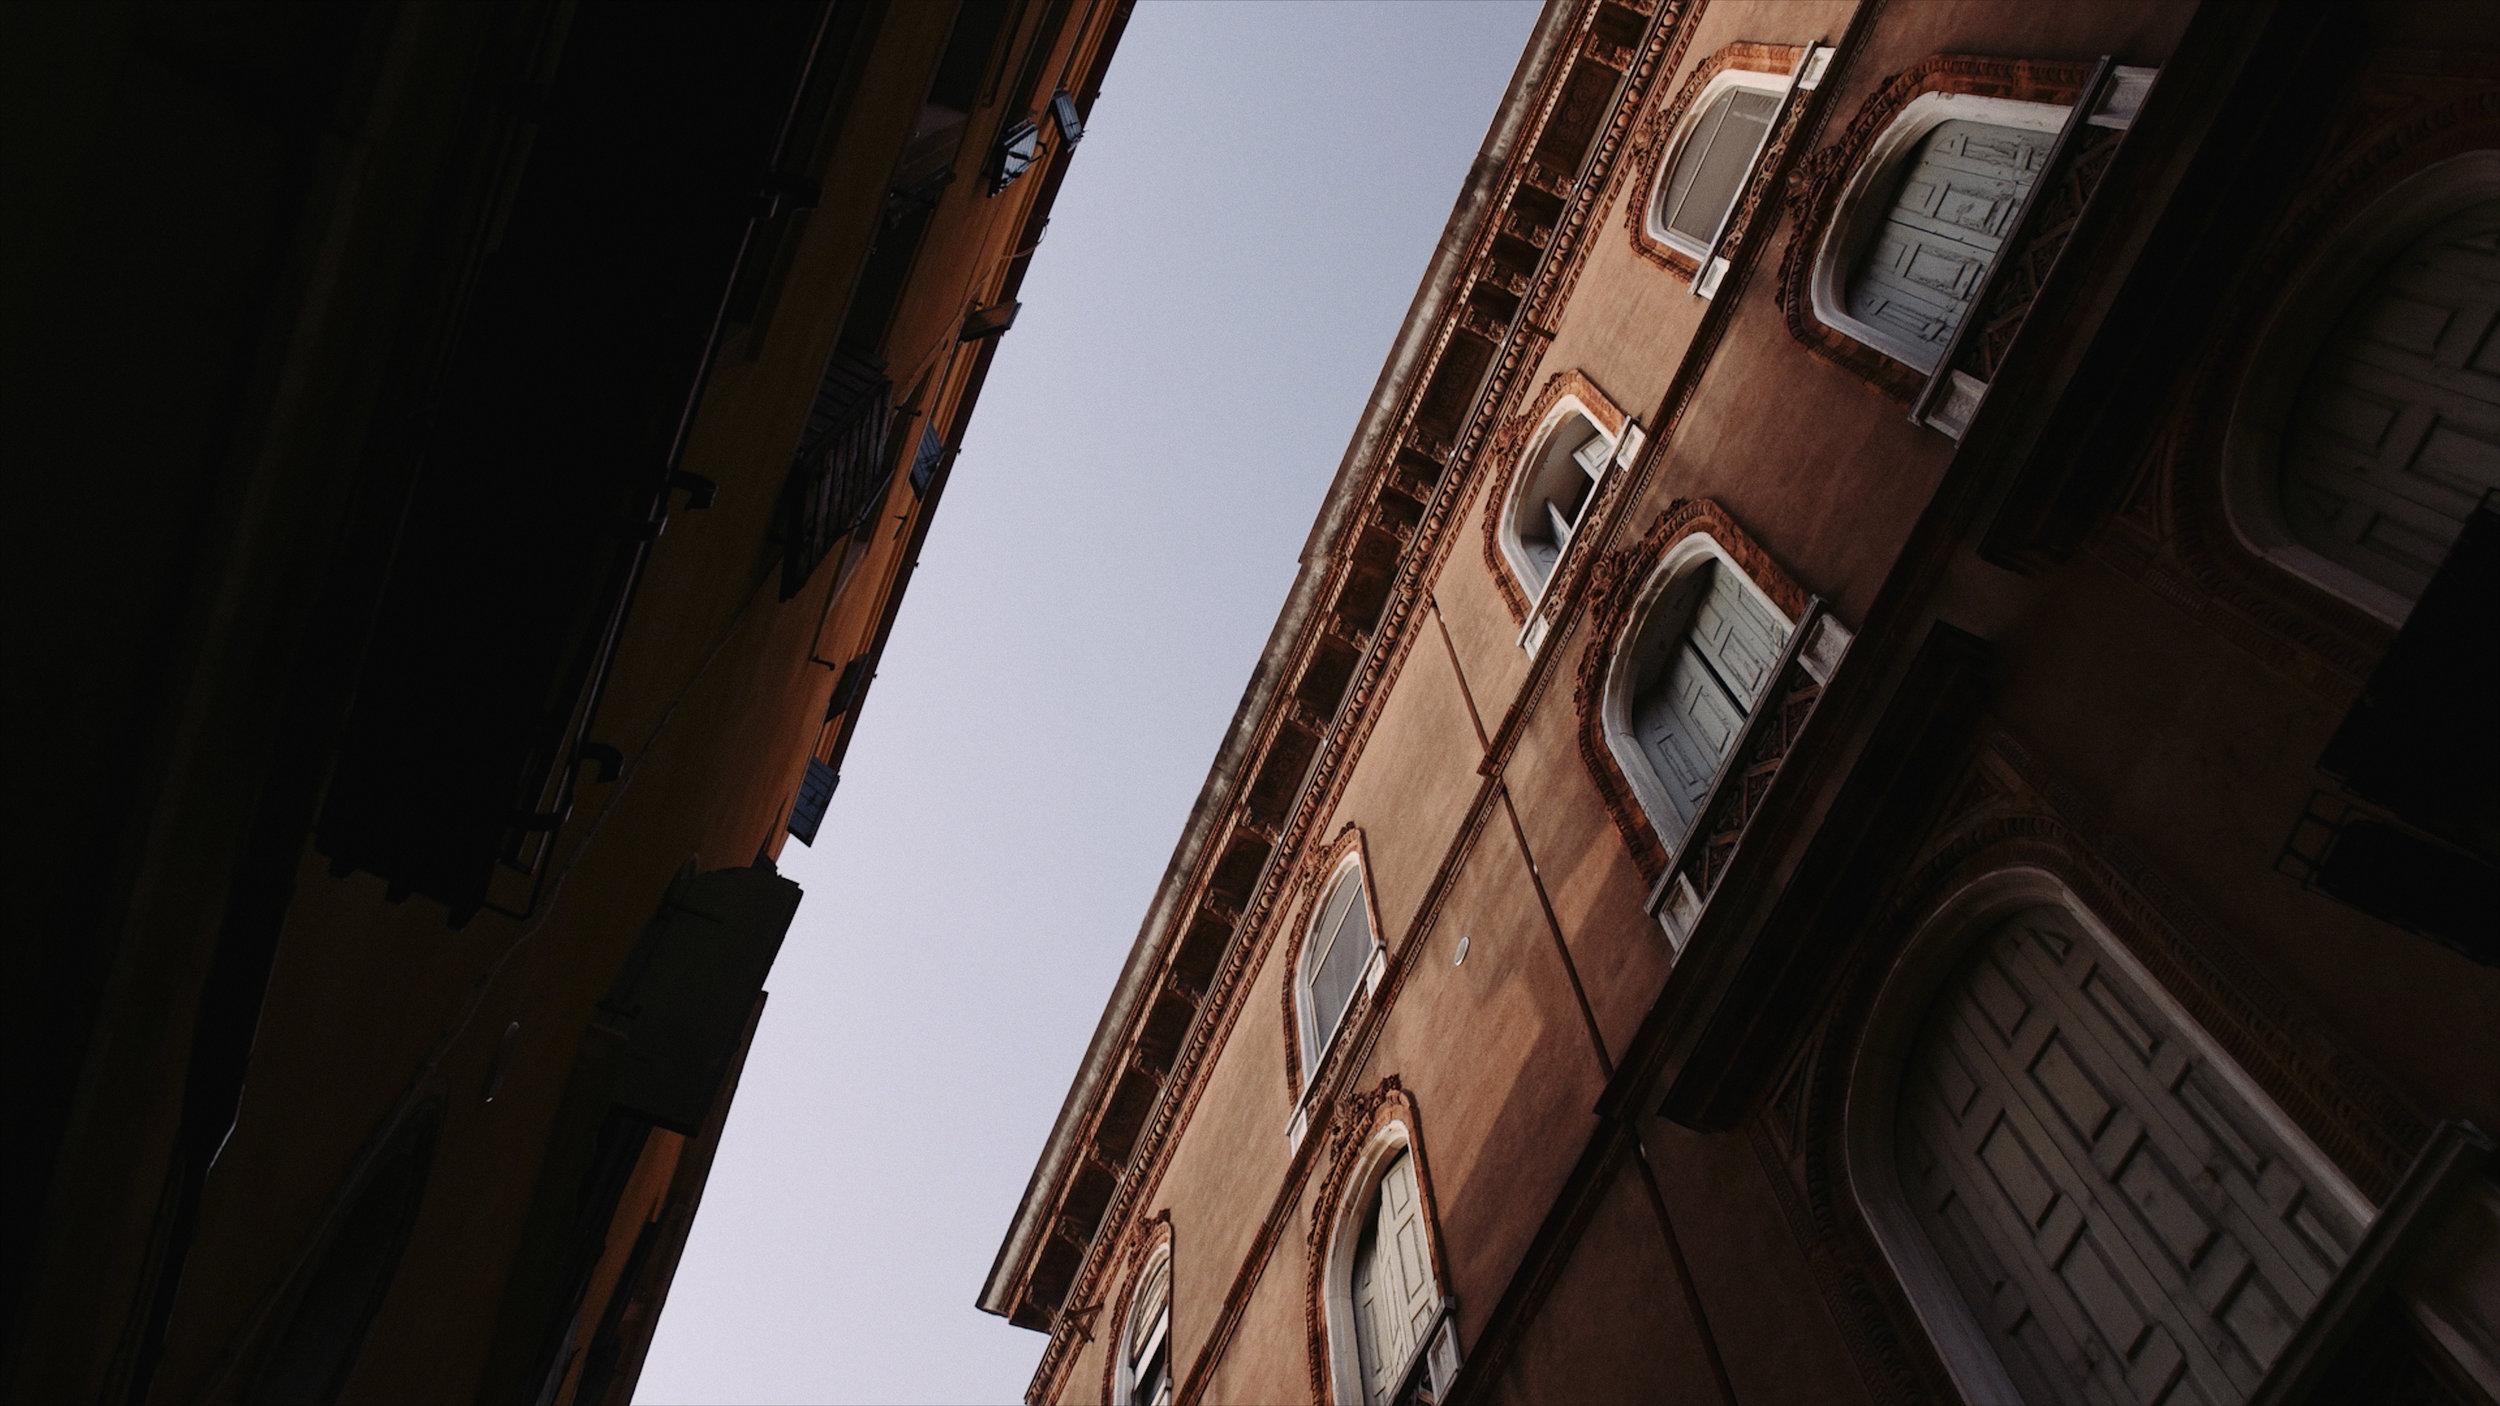 Highlight Film Stills.00_01_37_18.Still043.jpg